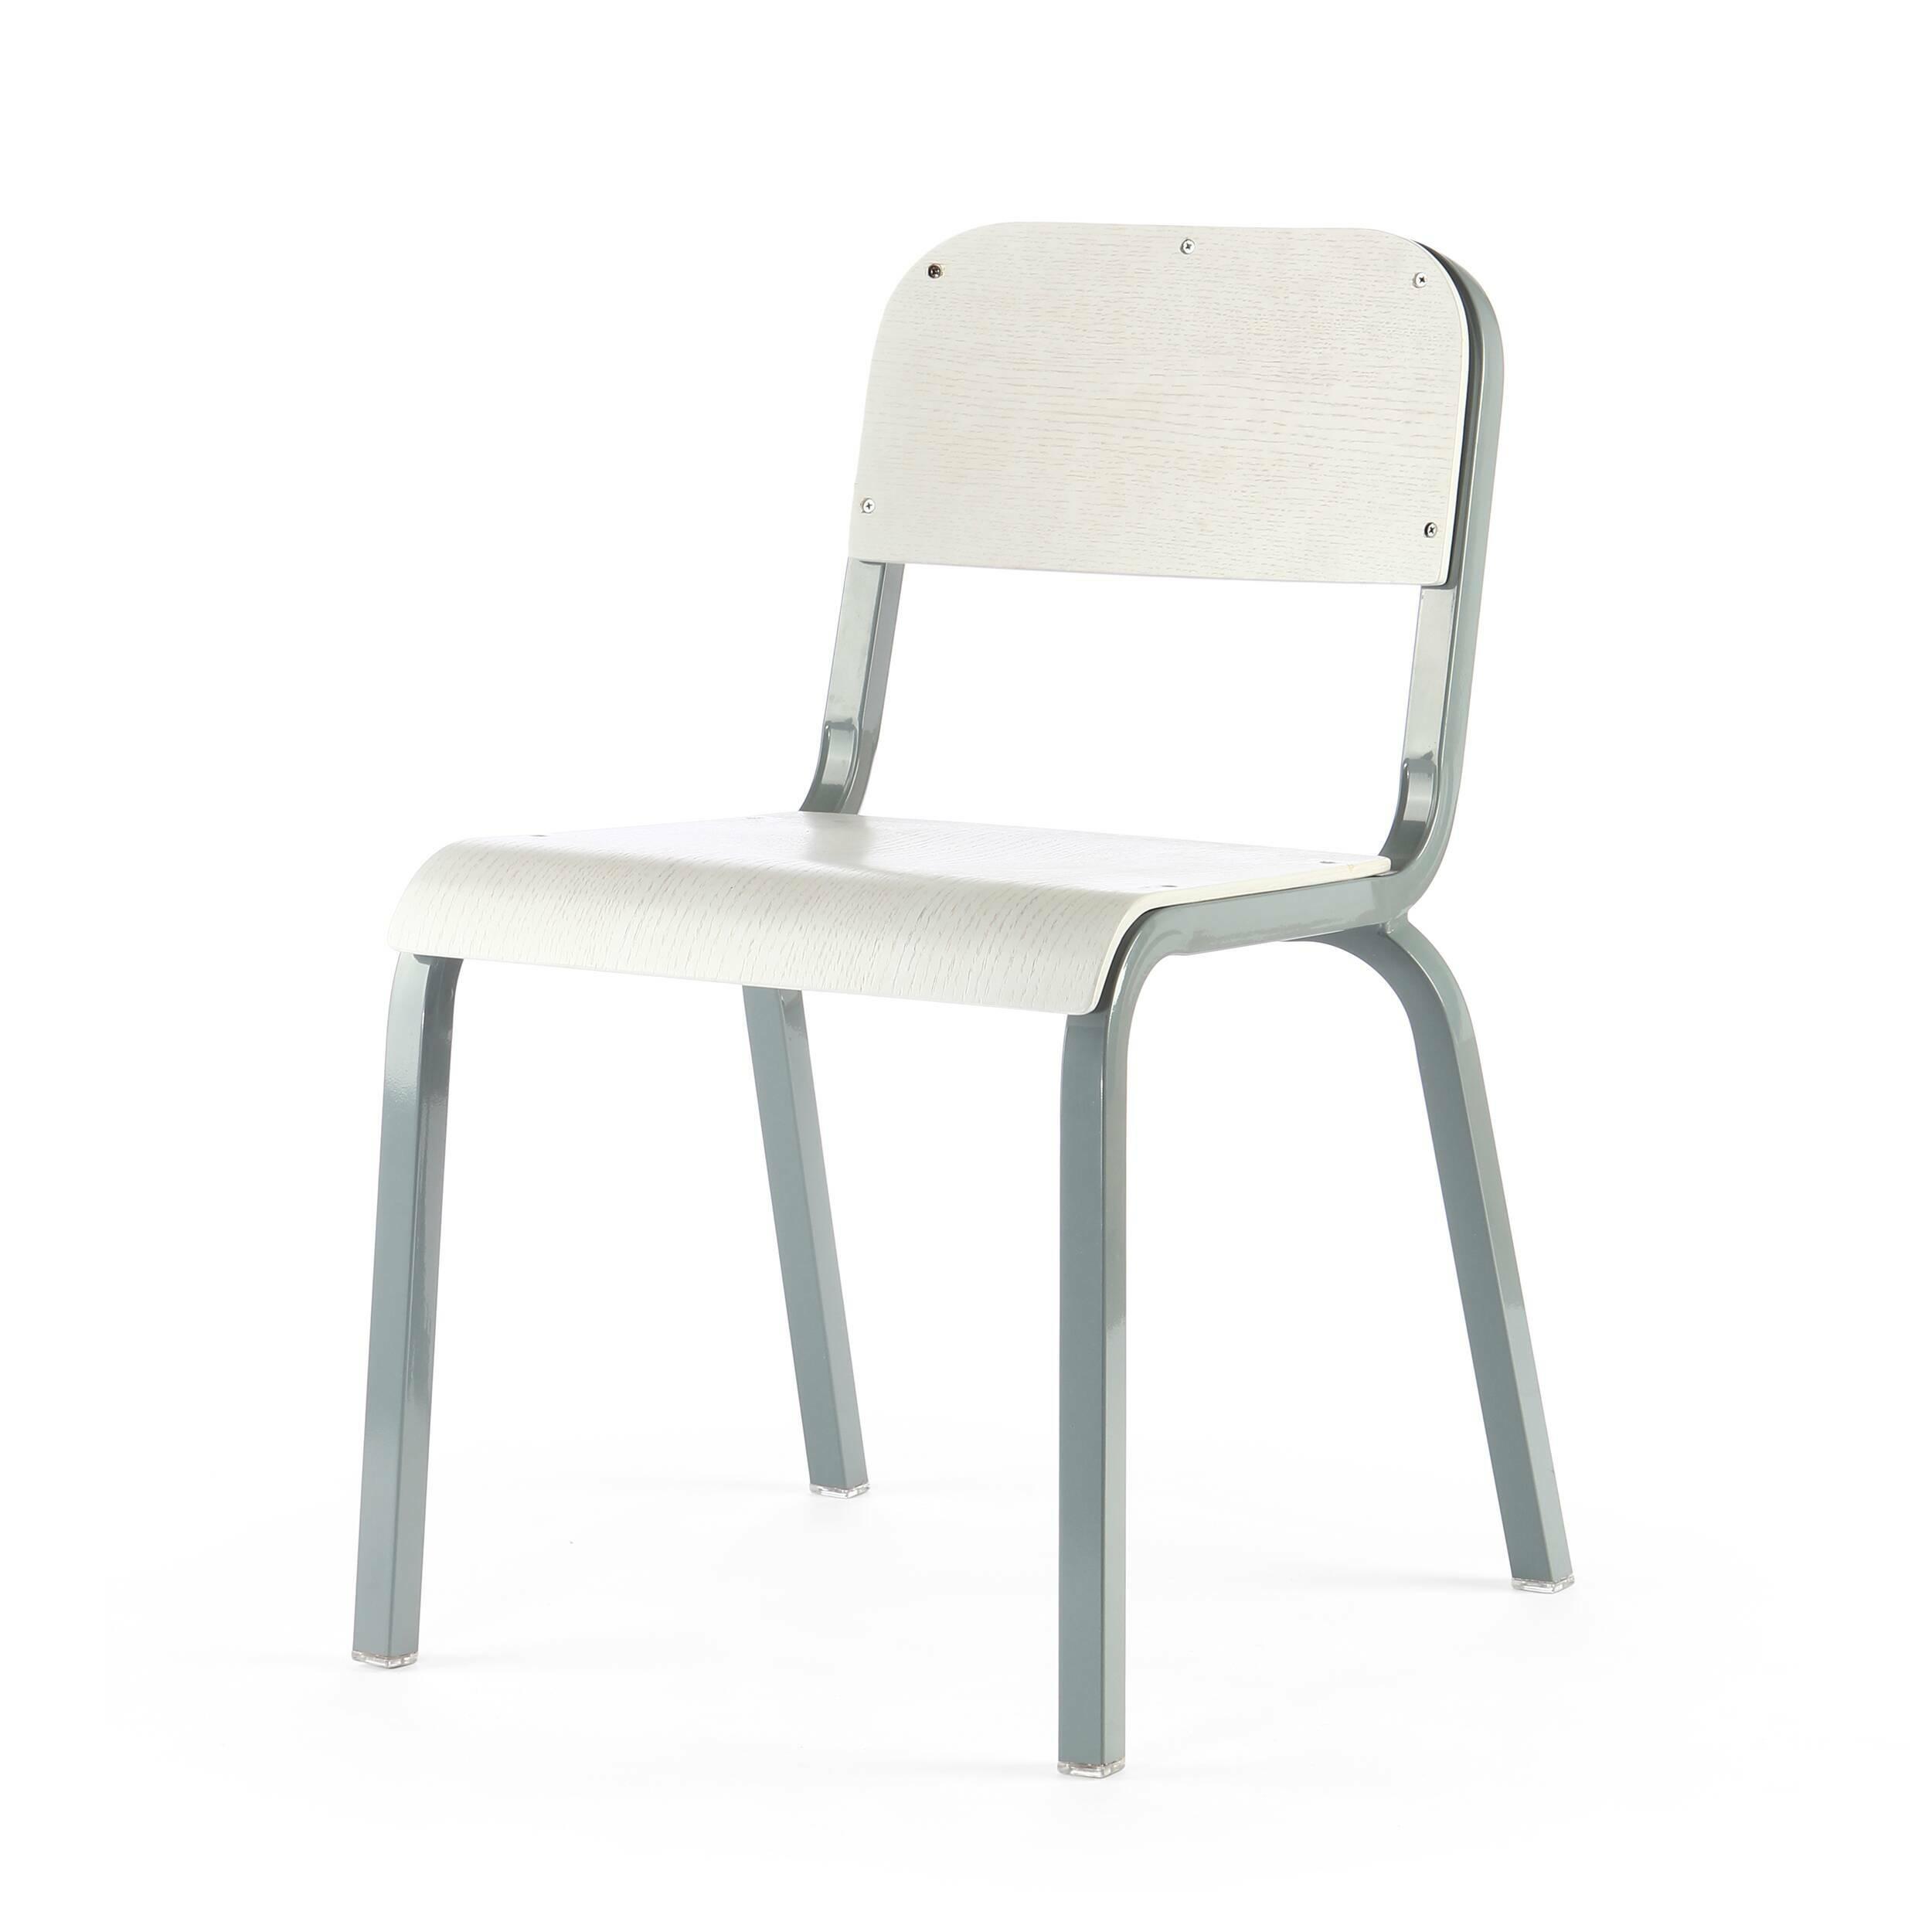 Стул TorsoИнтерьерные<br>Дизайнерский однотонный стул Torso (Торсо) на стальном каркасе с деревянными сиденьем и спинкой от Cosmo (Космо).<br>Стул Torso — классический компонент офисного интерьера. Это штабелируемый стул, лаконичный по форме конструкции и цветовому исполнению. Отличный пример изделия, который впишется в любое рабочее пространство, будь то офис креативной фотостудии или отдел бухгалтерии. <br> <br> Поскольку данная оригинальная модель штабелируется, актуально приобретать сразу несколько штук. Их можно легко...<br><br>stock: 22<br>Высота: 80<br>Высота сиденья: 45<br>Ширина: 54,5<br>Глубина: 56<br>Тип материала каркаса: Сталь<br>Материал сидения: Фанера, шпон дуба<br>Цвет сидения: Белый<br>Тип материала сидения: Дерево<br>Цвет каркаса: Серый